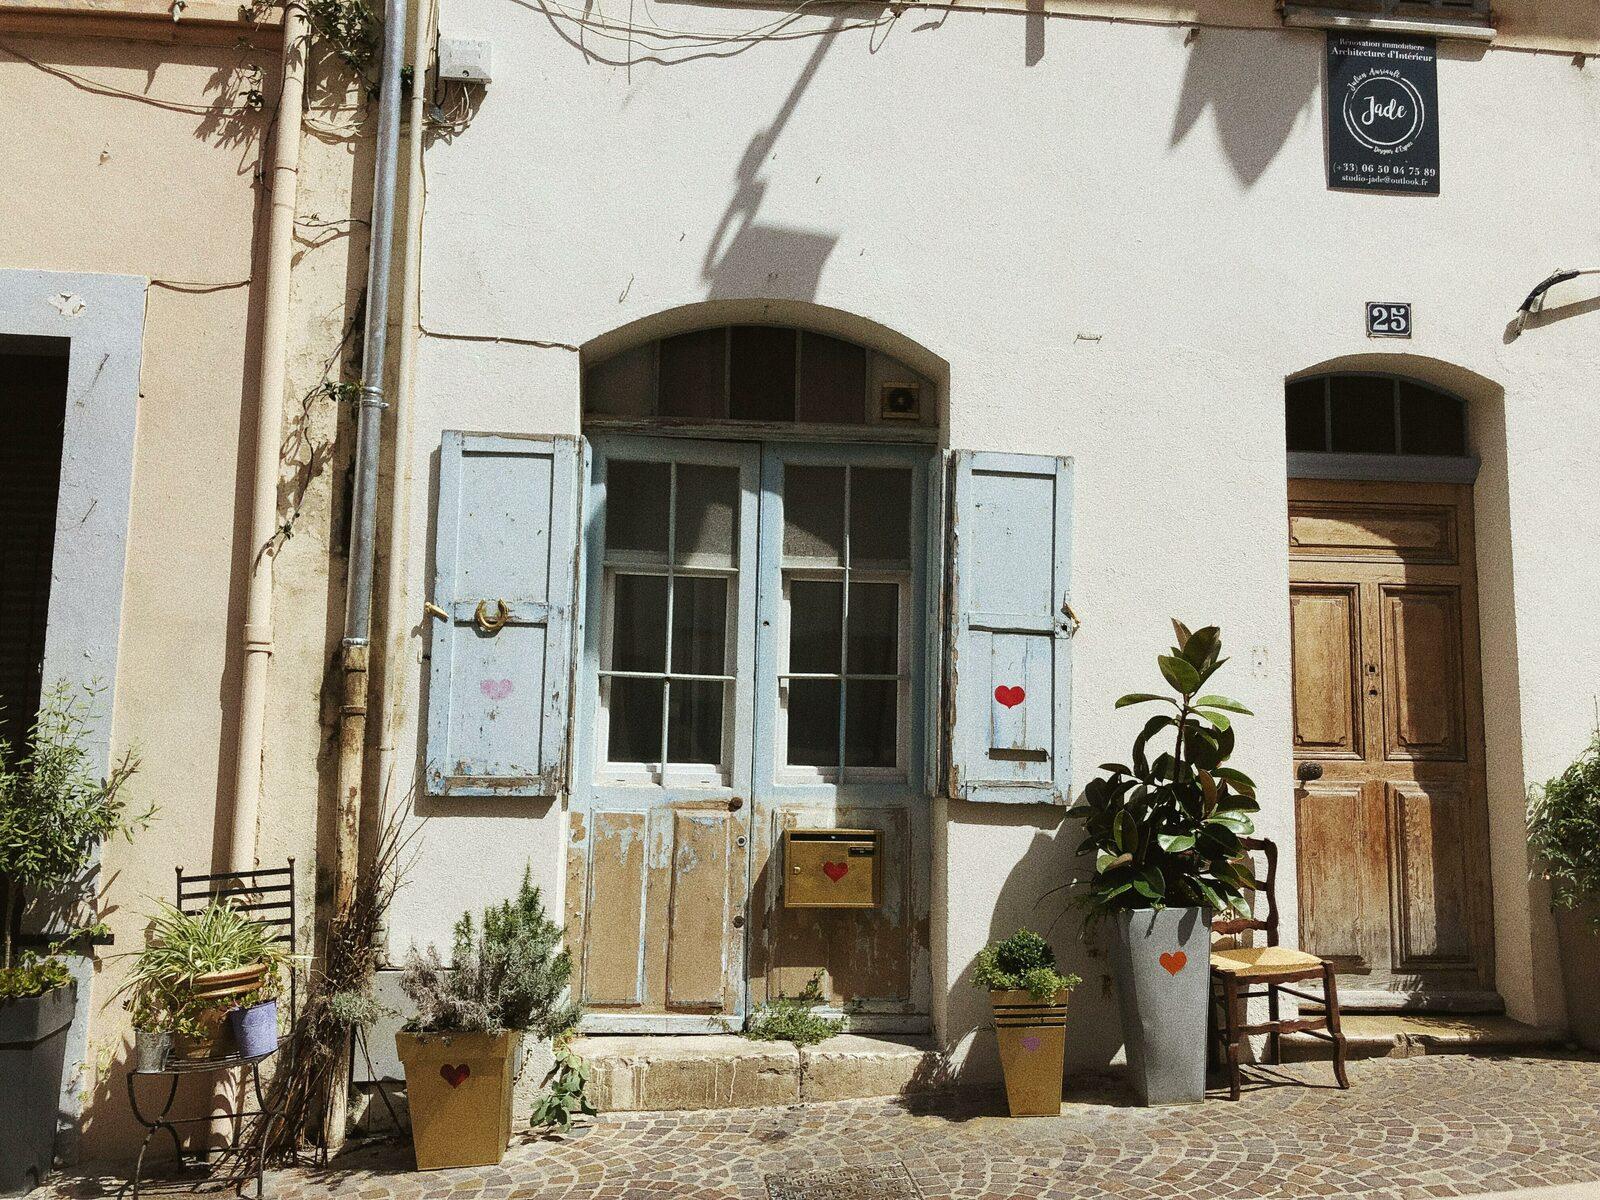 Vieille ville de Cannes sur la Côte d'Azur